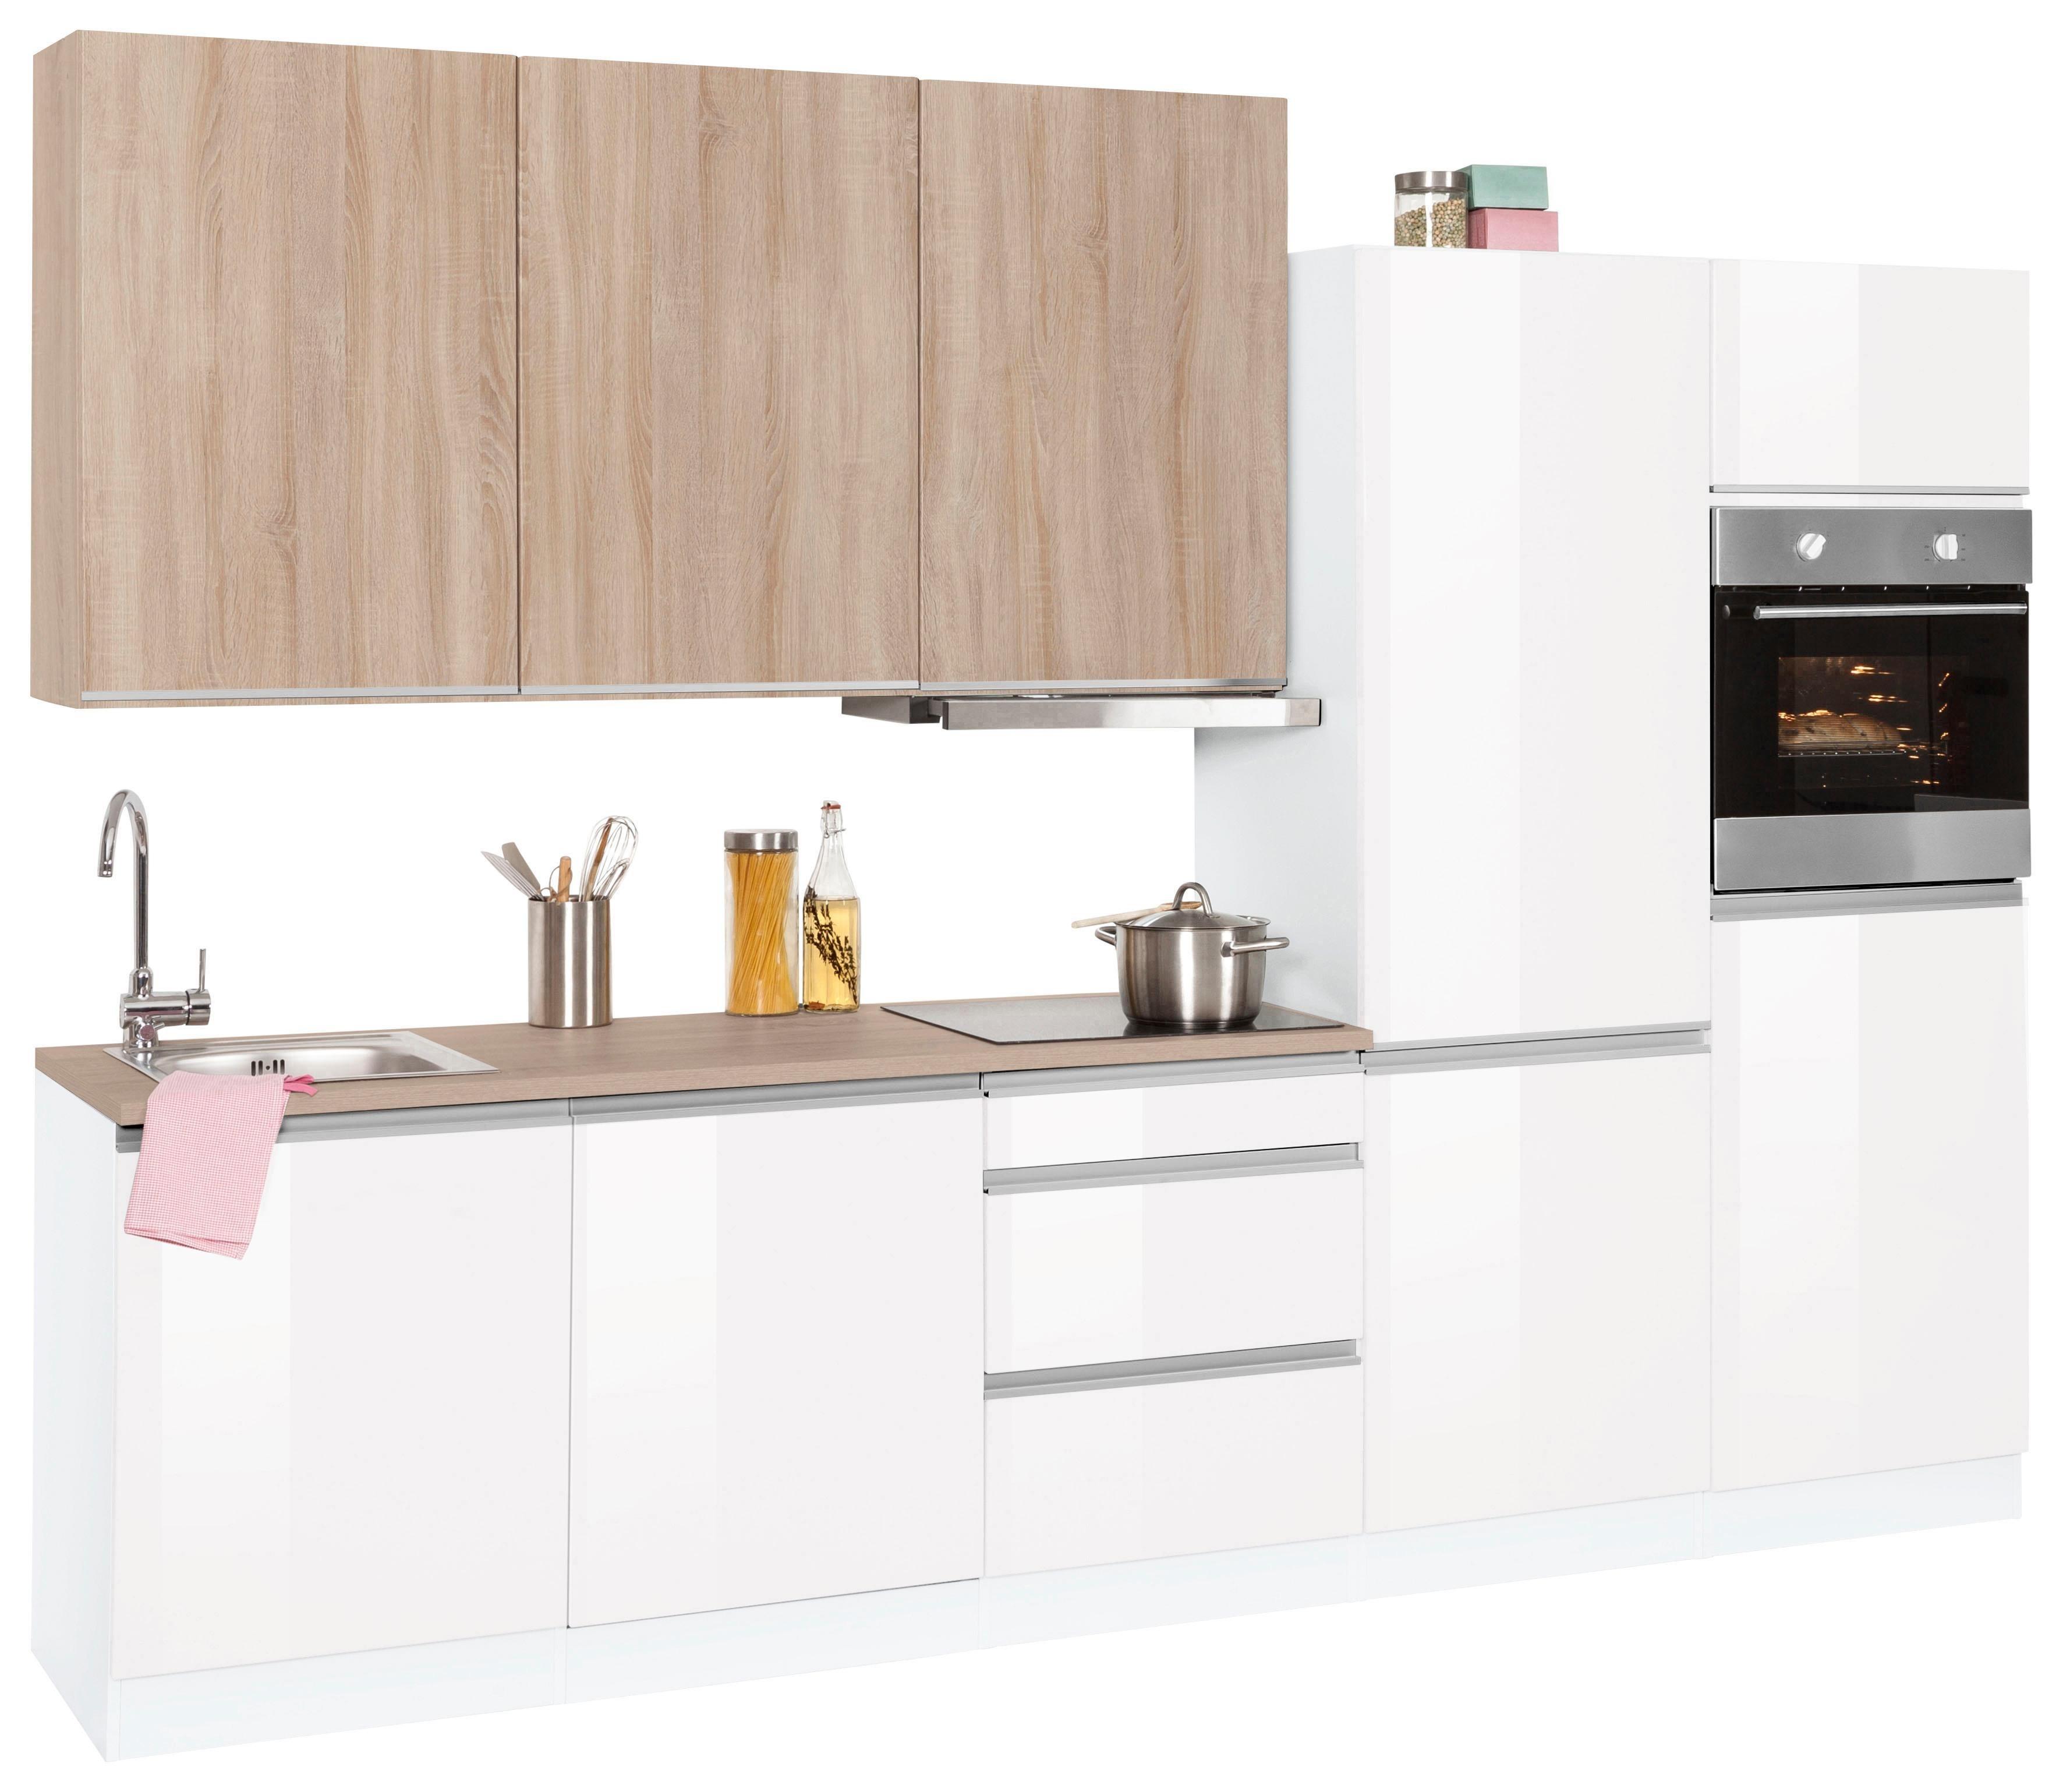 HELD MÖBEL Küchenzeile Mit E Geräten »Ohio«, Breite 300 Cm